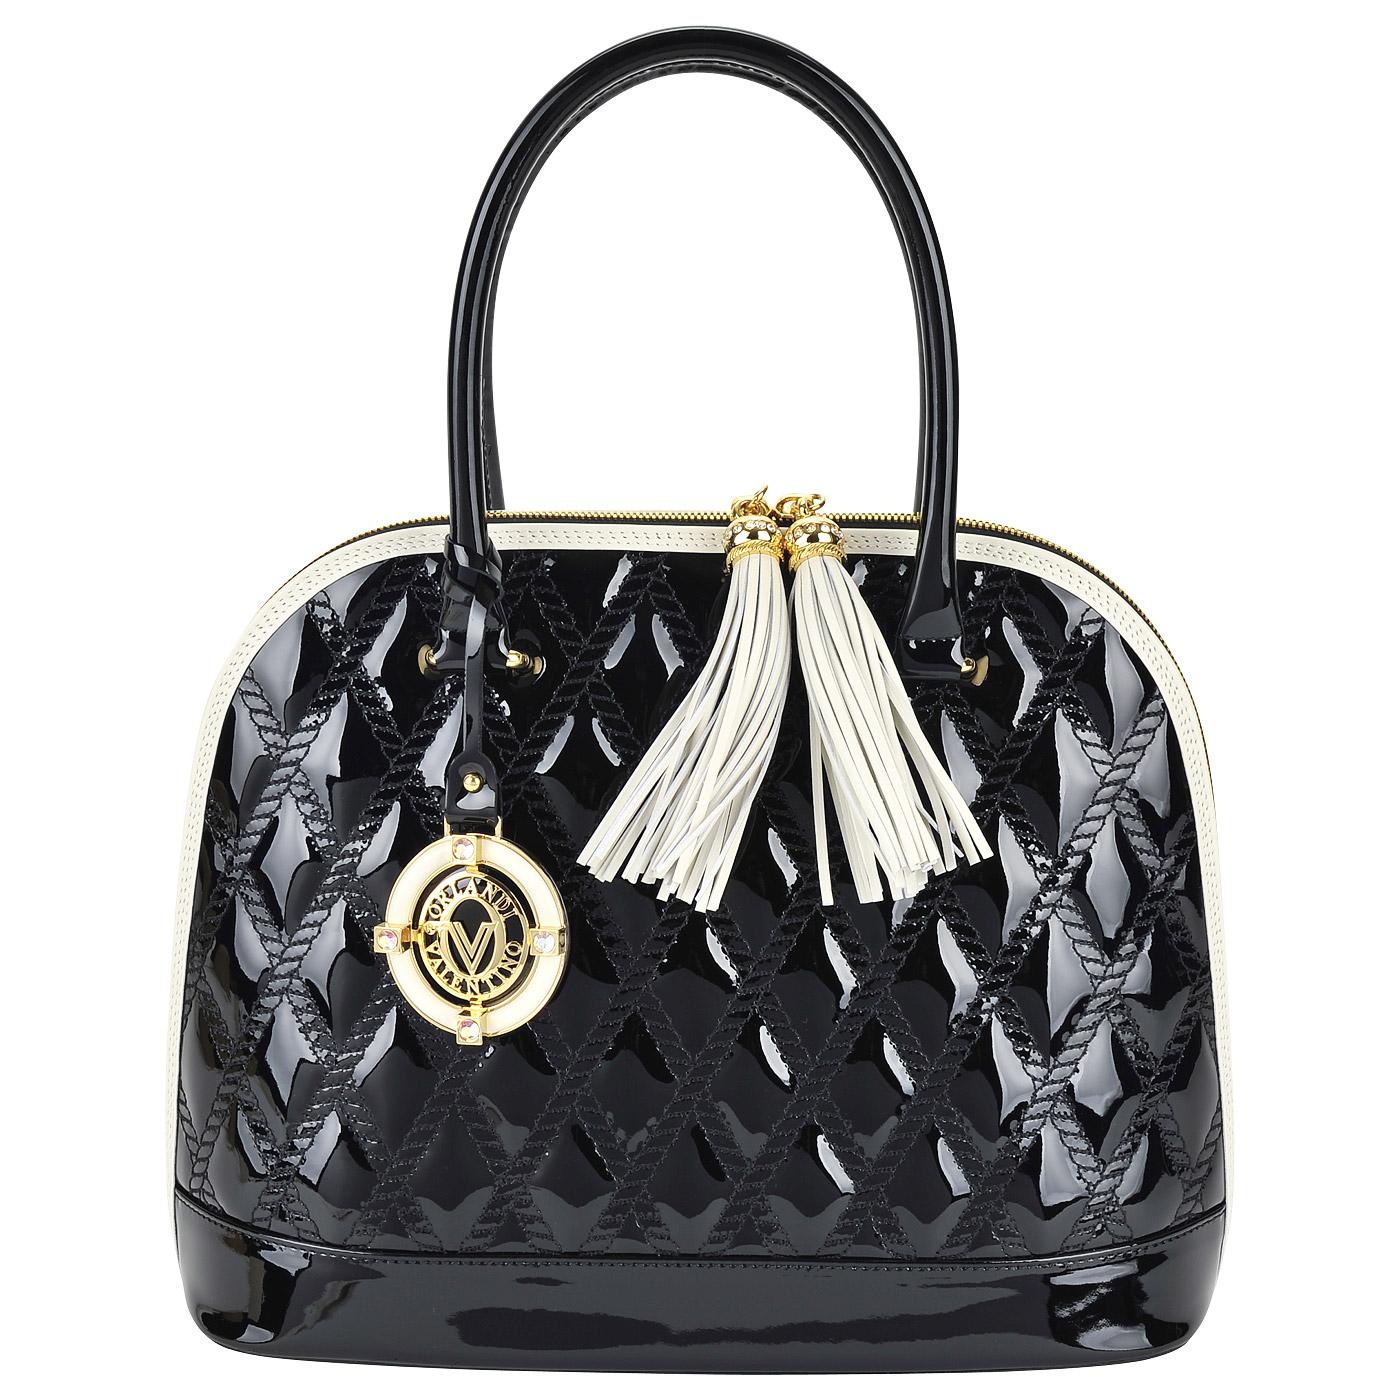 a186a9d8c59c Женская черная лаковая сумка со светлой окантовкой Valentino Orlandi Ilary  ...